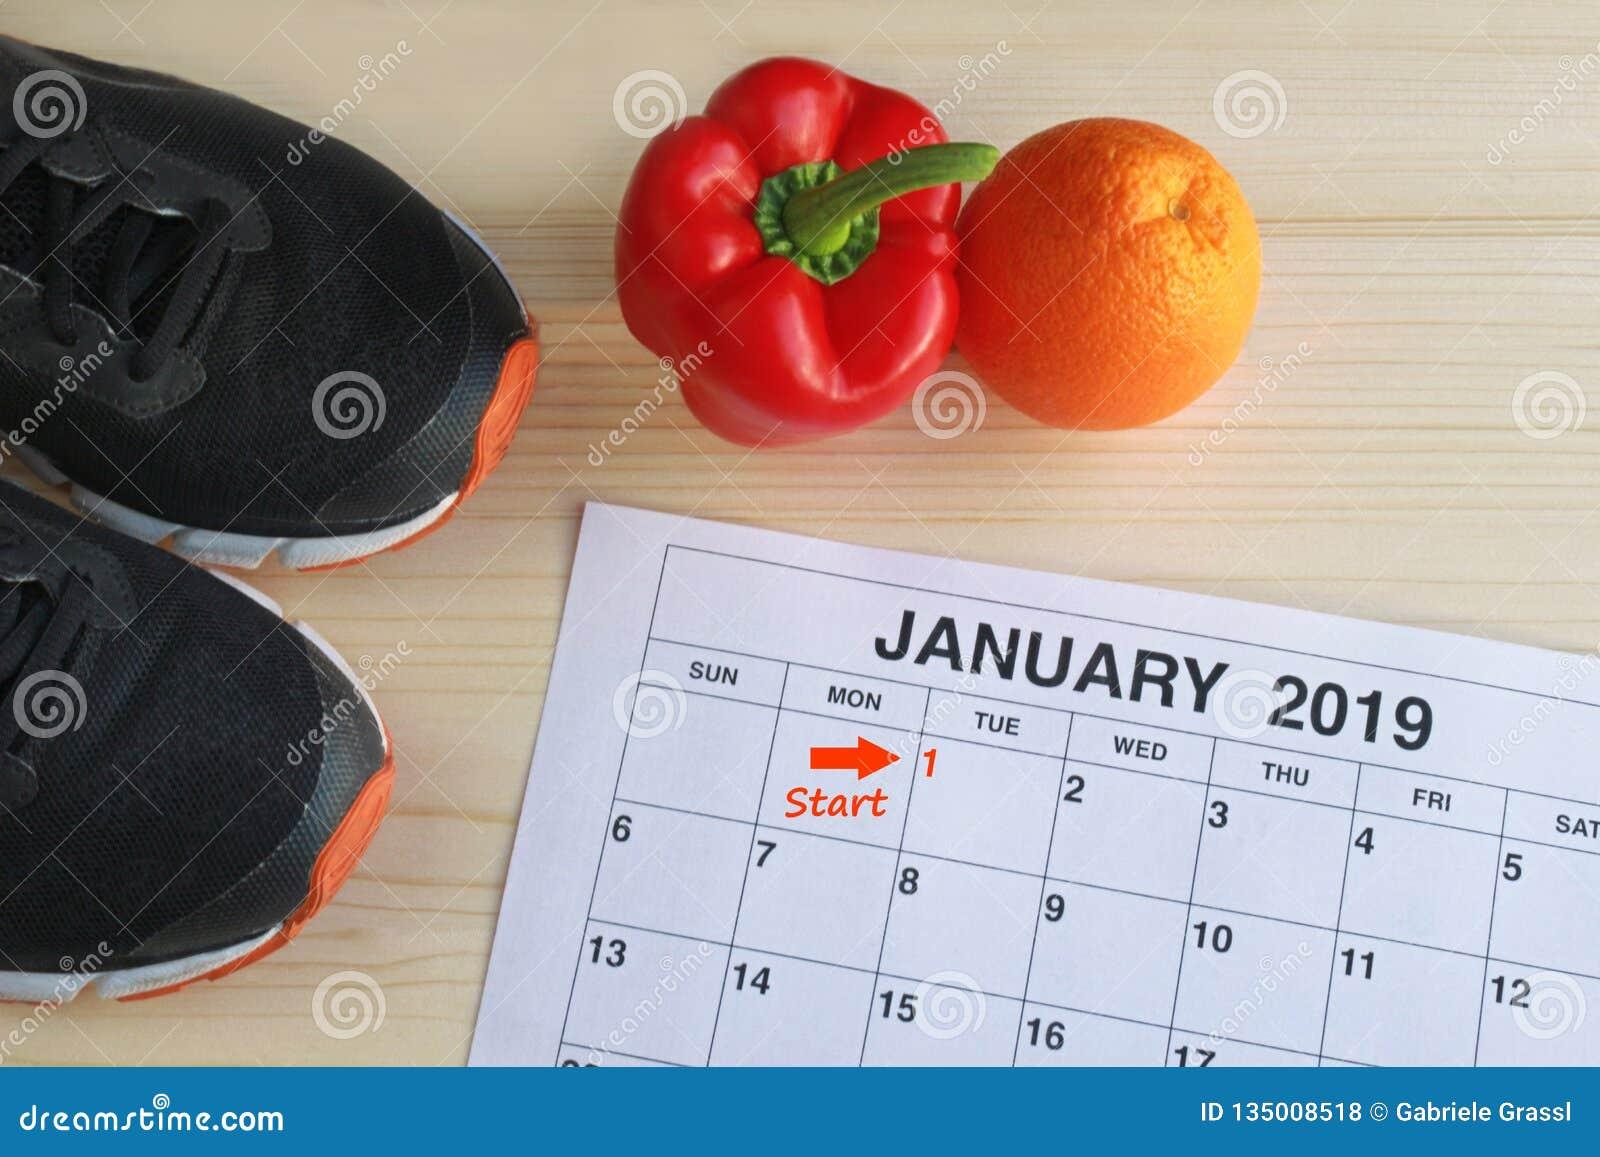 Gennaio 2019 inizio in una nuova vita sana